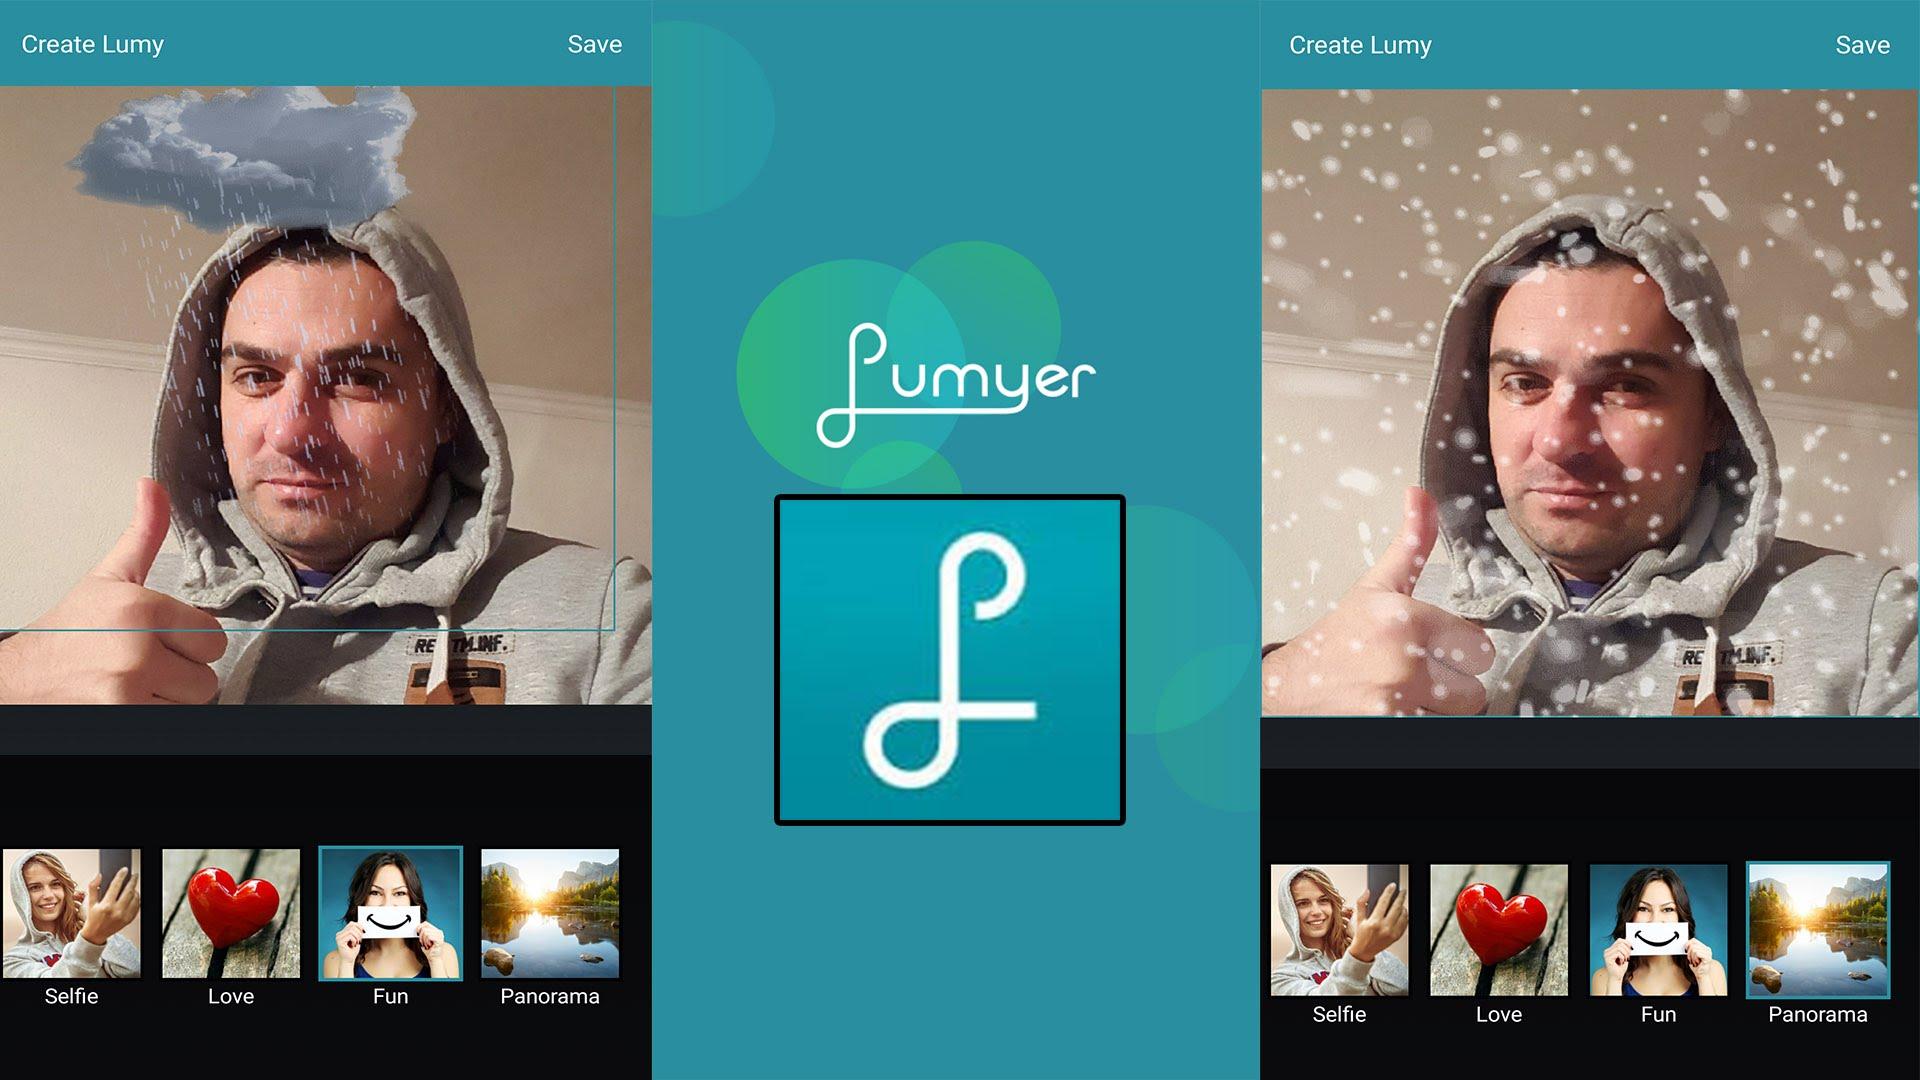 Scarica Lumyer per Android. Scatta foto con centinaia di effetti 2